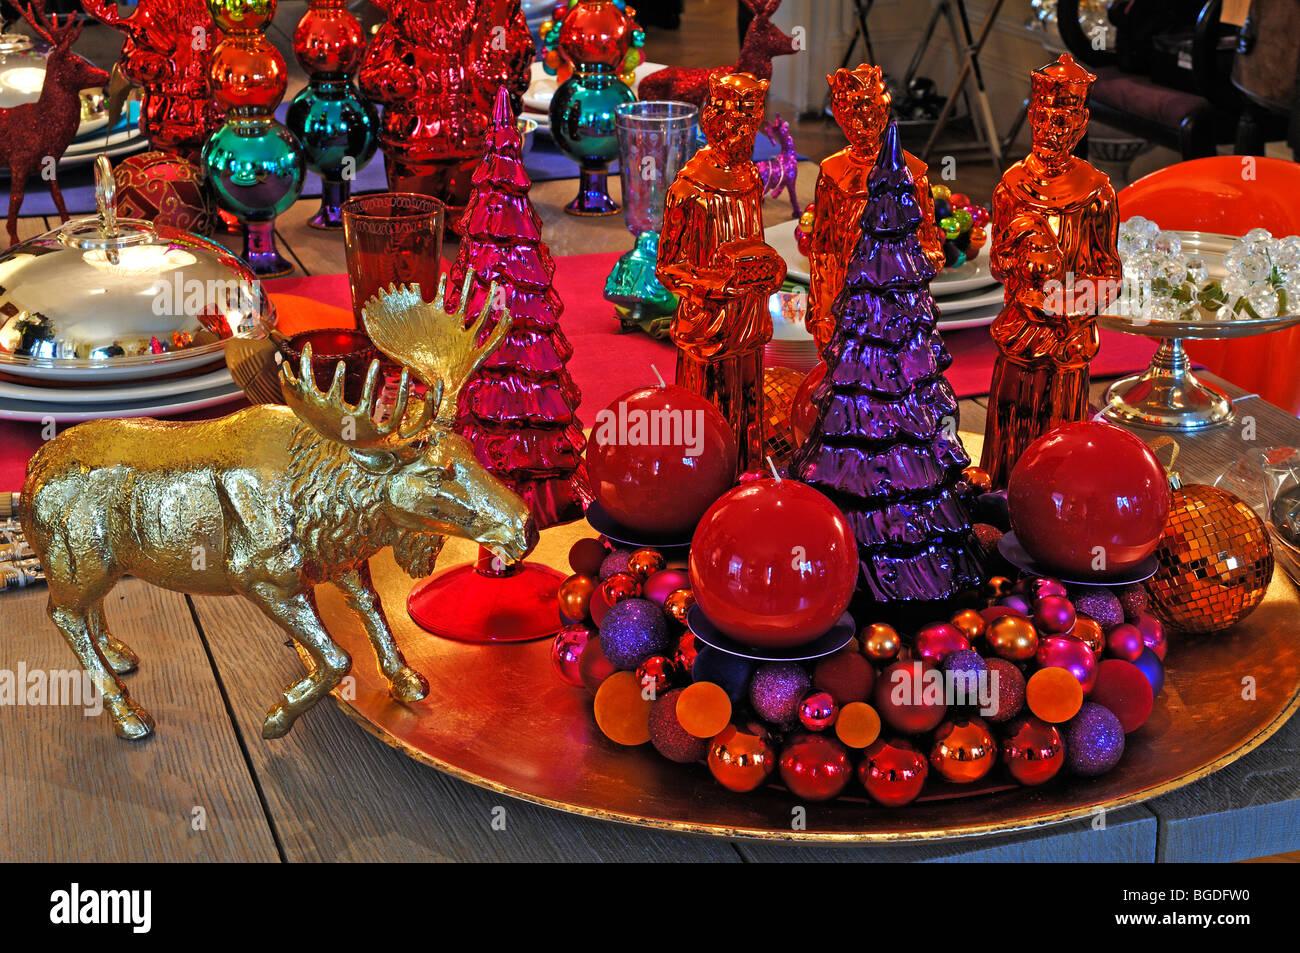 Moderne Weihnachtsdekoration moderne weihnachtsdekoration auf einem tisch dekoriert zu verkaufen